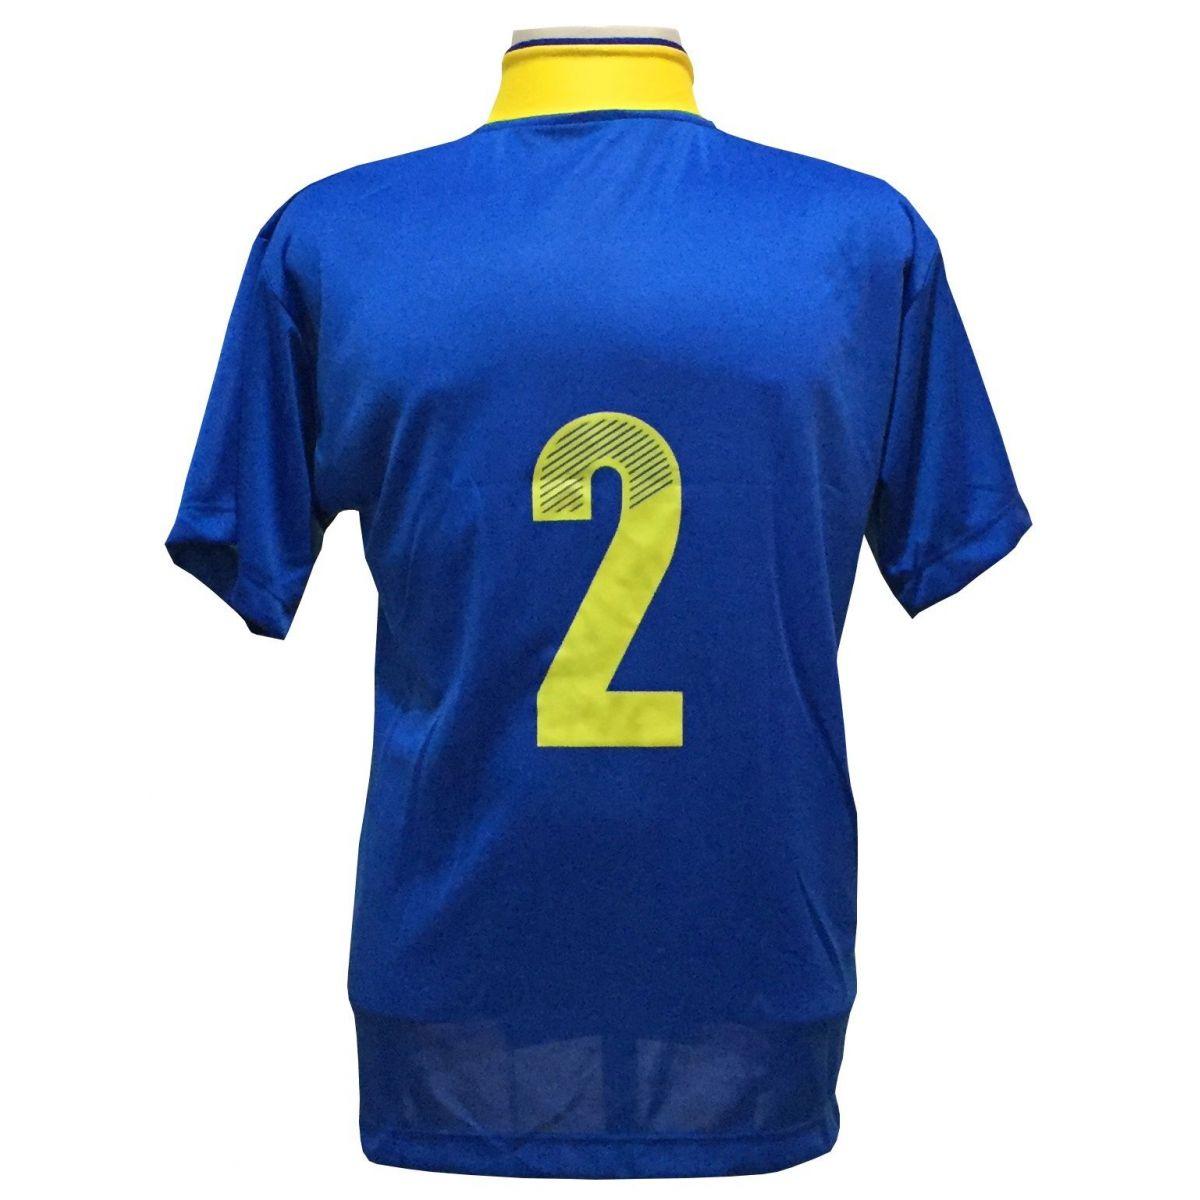 Uniforme Esportivo com 14 camisas modelo Suécia Royal/Amarelo + 14 calções modelo Madrid + 1 Goleiro + Brindes